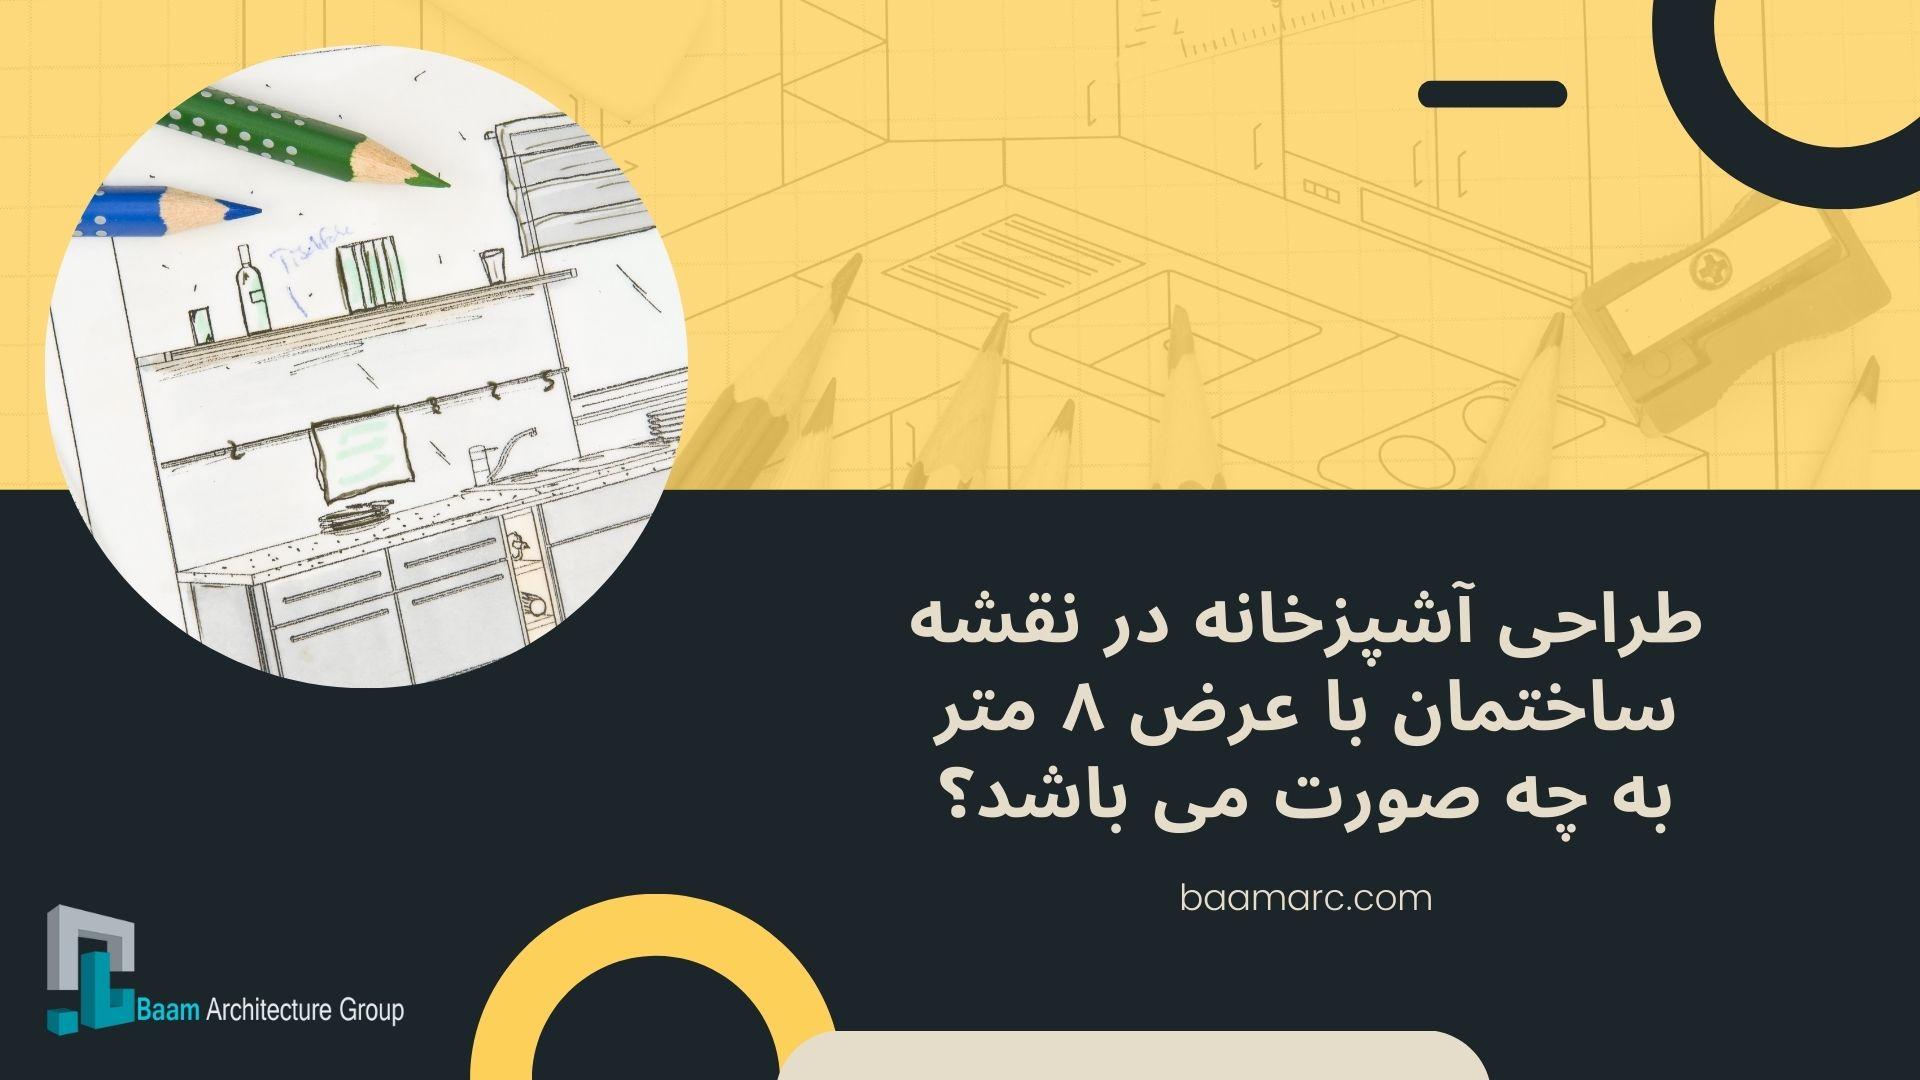 طراحی آشپزخانه در نقشه ساختمان با عرض ۸ متر به چه صورت می باشد؟